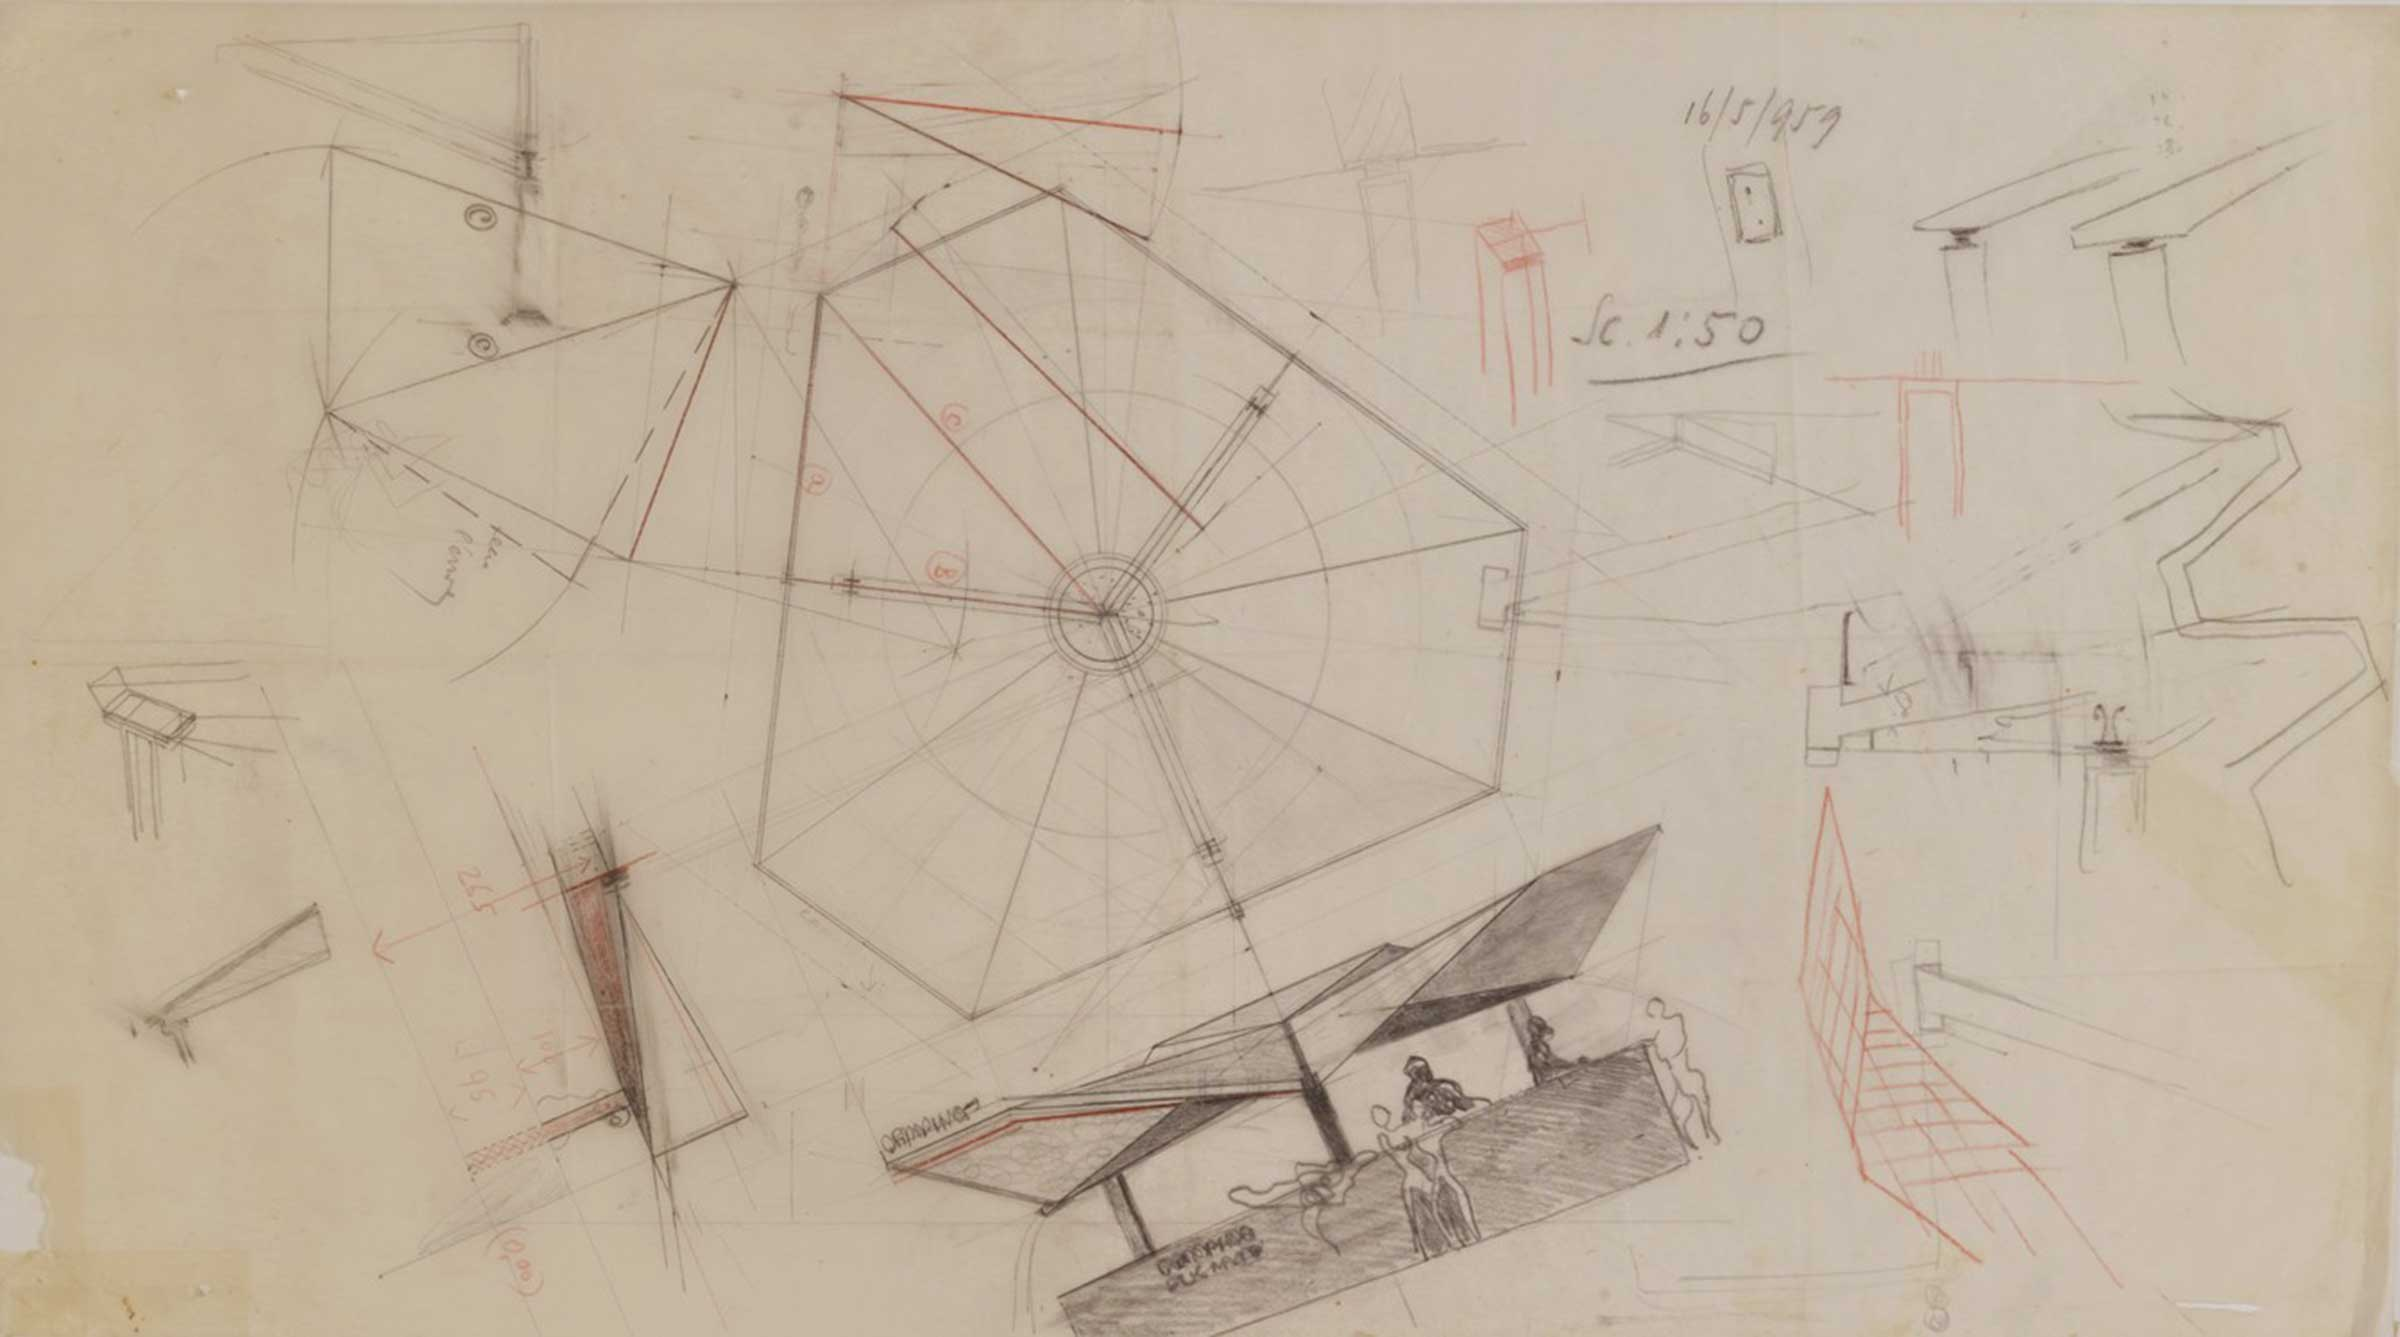 Carlo Scarpa Design